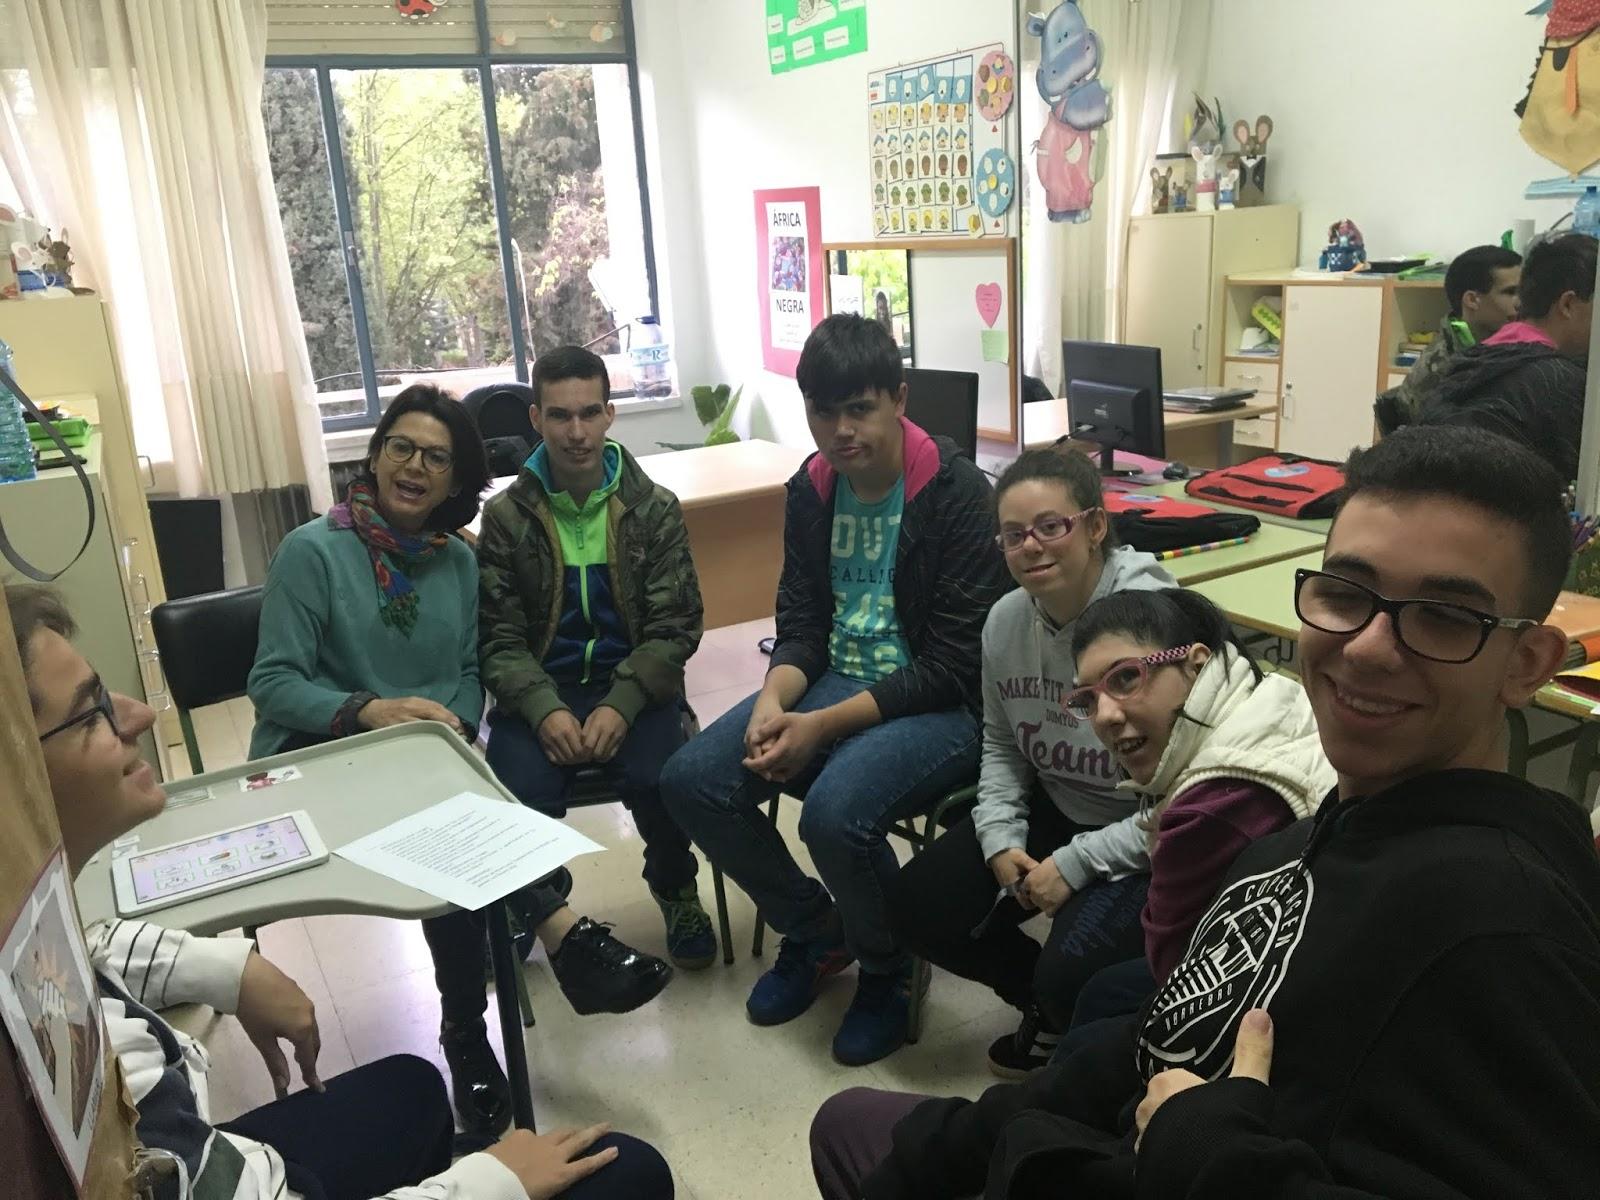 88a23a9fd Hemos estado en su aula y allí nos ha contado cosas muy interesantes sobre  el trabajo que realizan las maestras especialistas en Audición y Lenguaje.